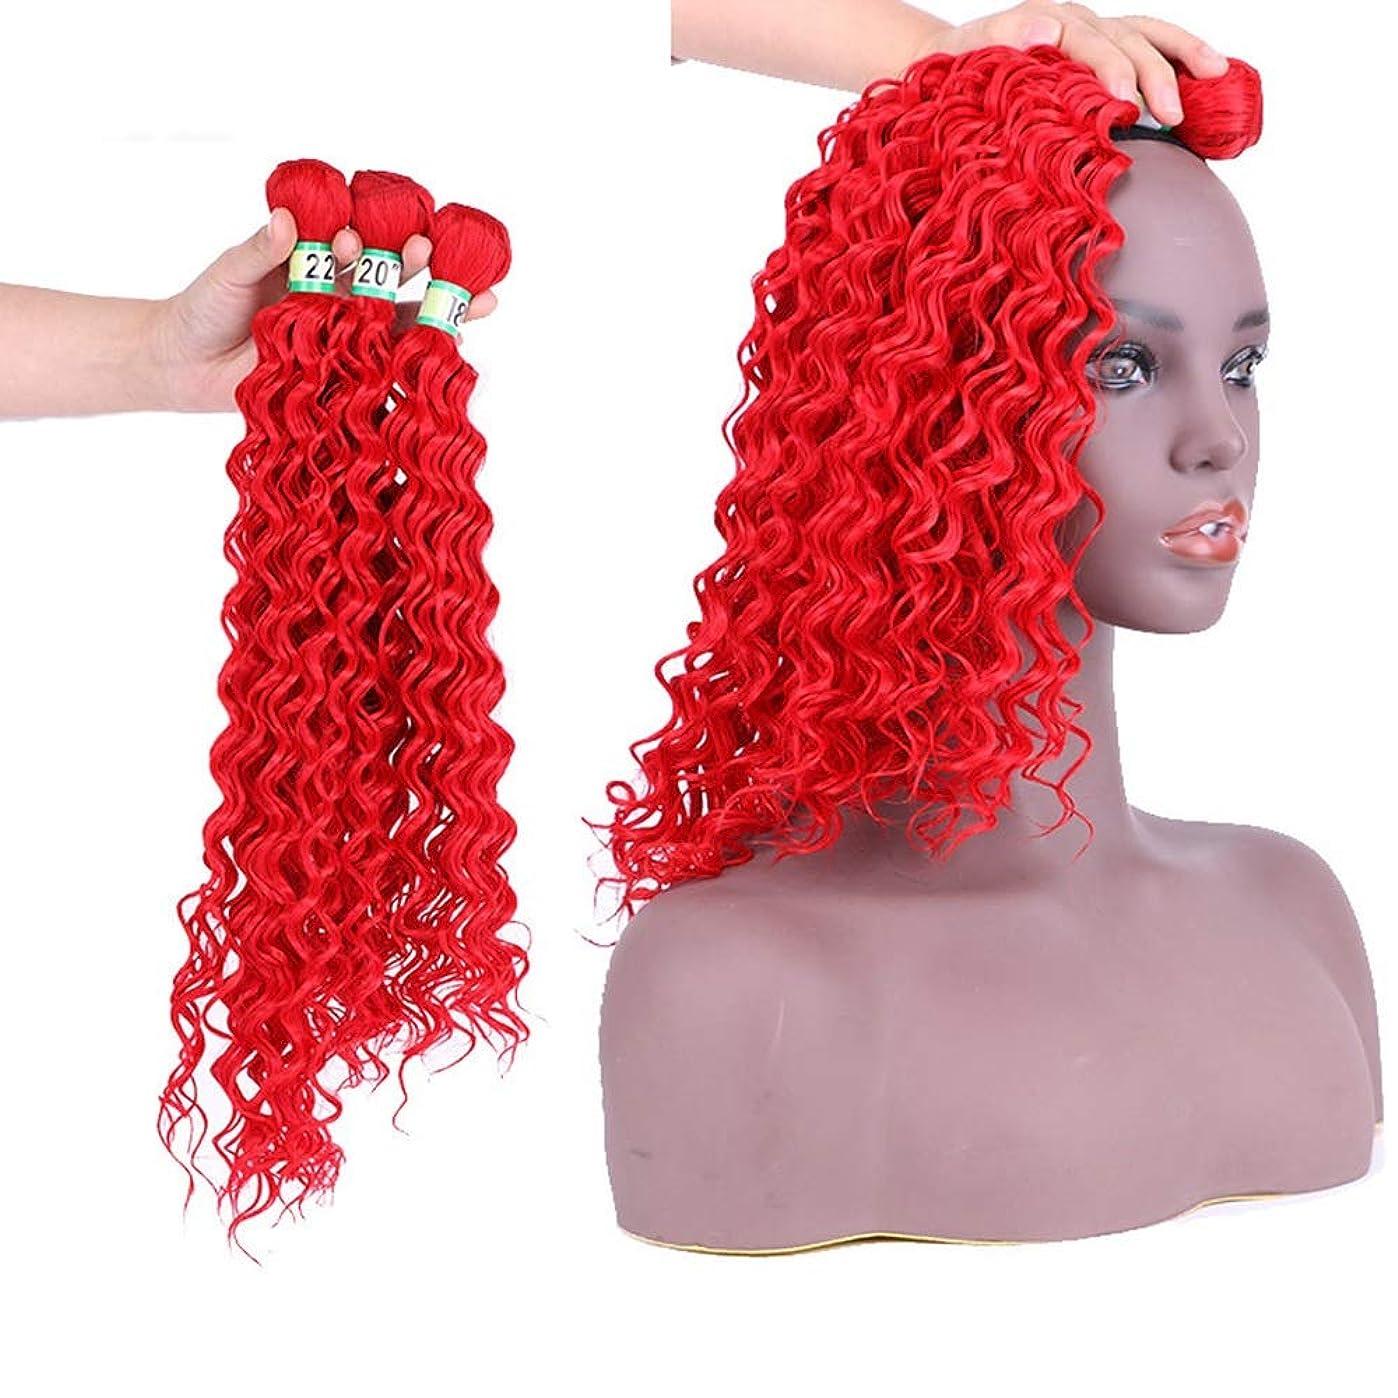 乱れ無限層Yrattary 女性用合成髪織りバンドル - 赤い実体波ヘアエクステンション混合長(16 18 20)合成髪レースかつらロールプレイングウィッグロングとショート女性自然 (色 : レッド, サイズ : 18